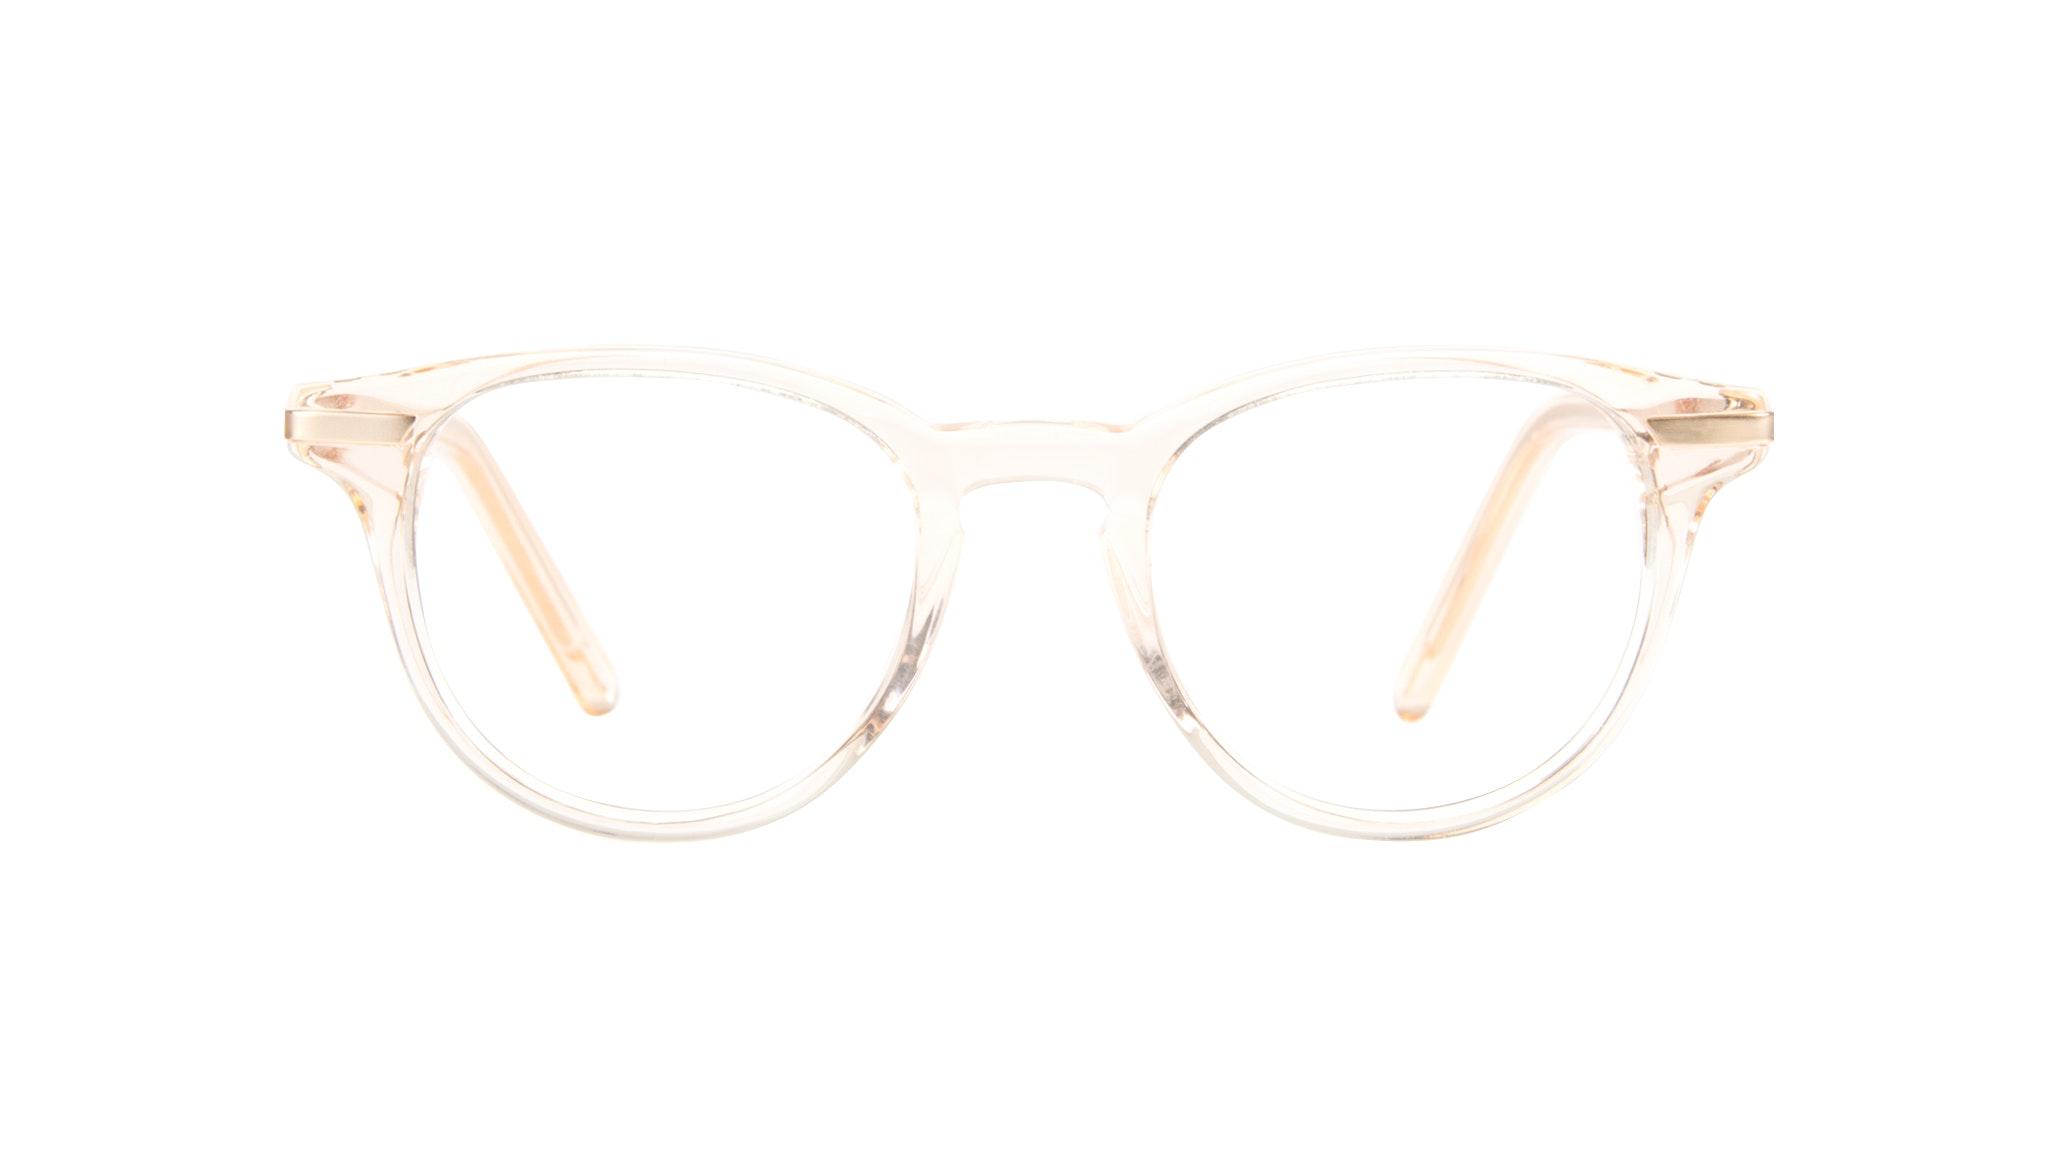 Lunettes tendance Ronde Lunettes de vue Femmes Spark Blond